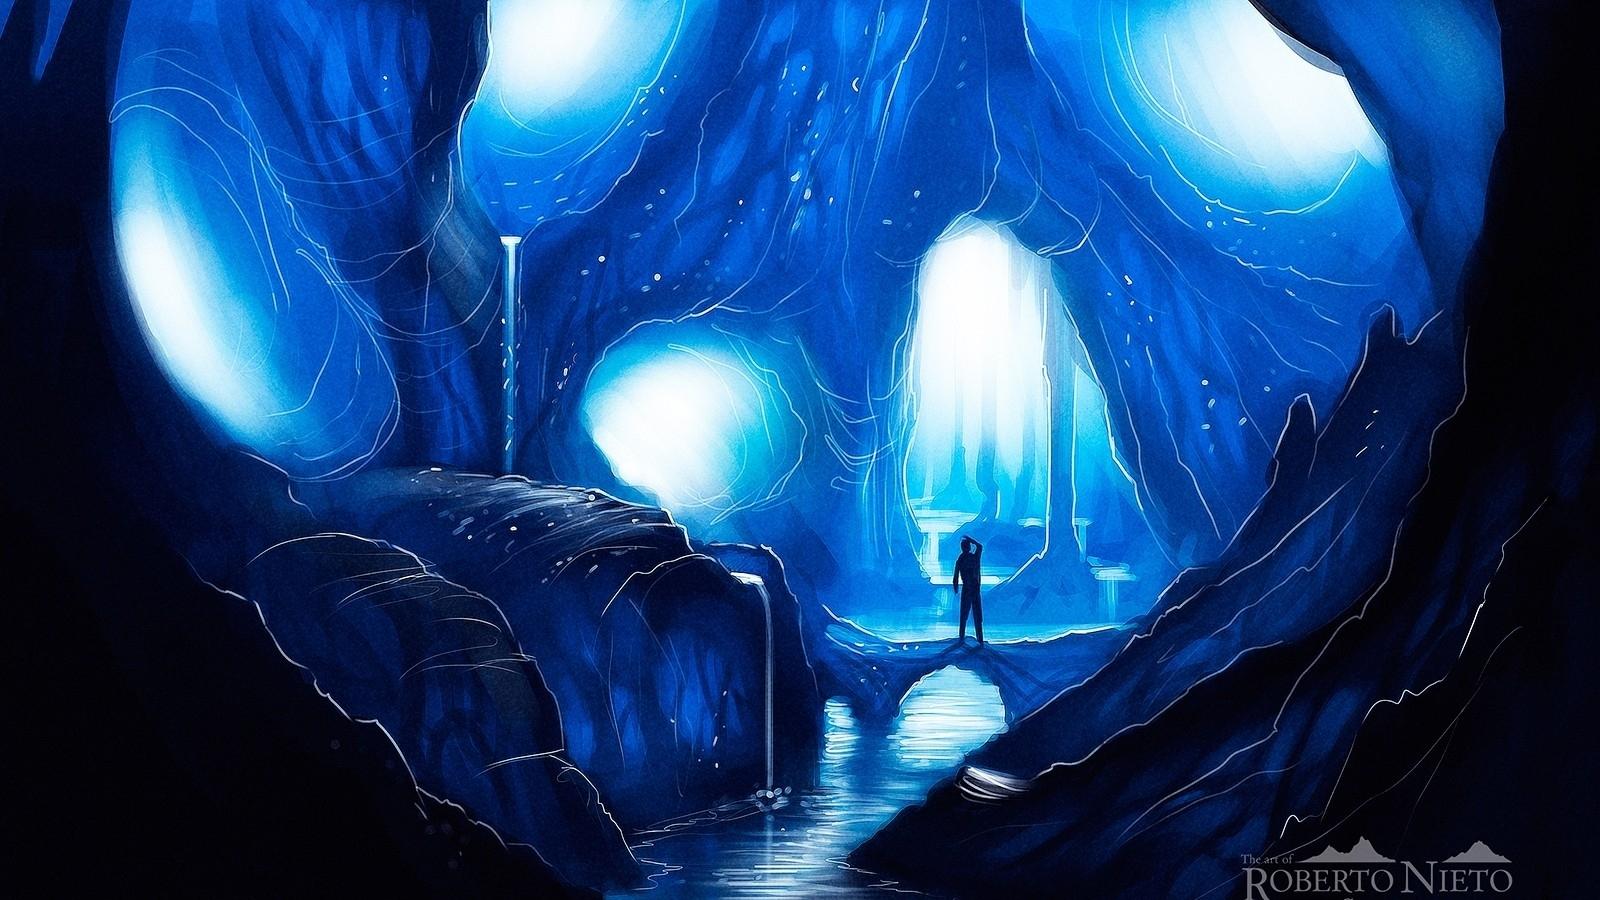 поздравления есть пещеры фэнтези картинки событий, дата рождения